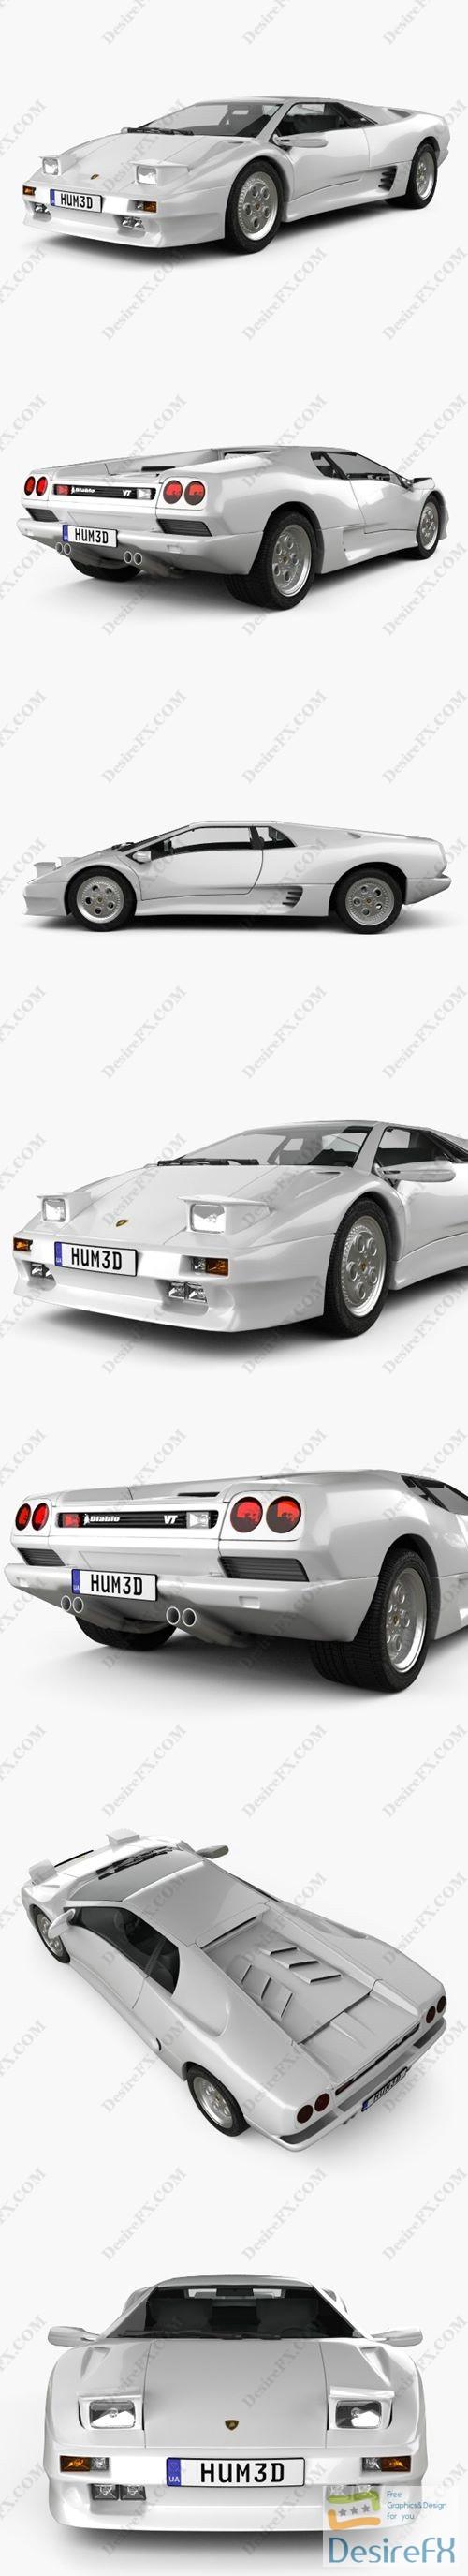 3d-models - Lamborghini Diablo VT 1993 3D Model